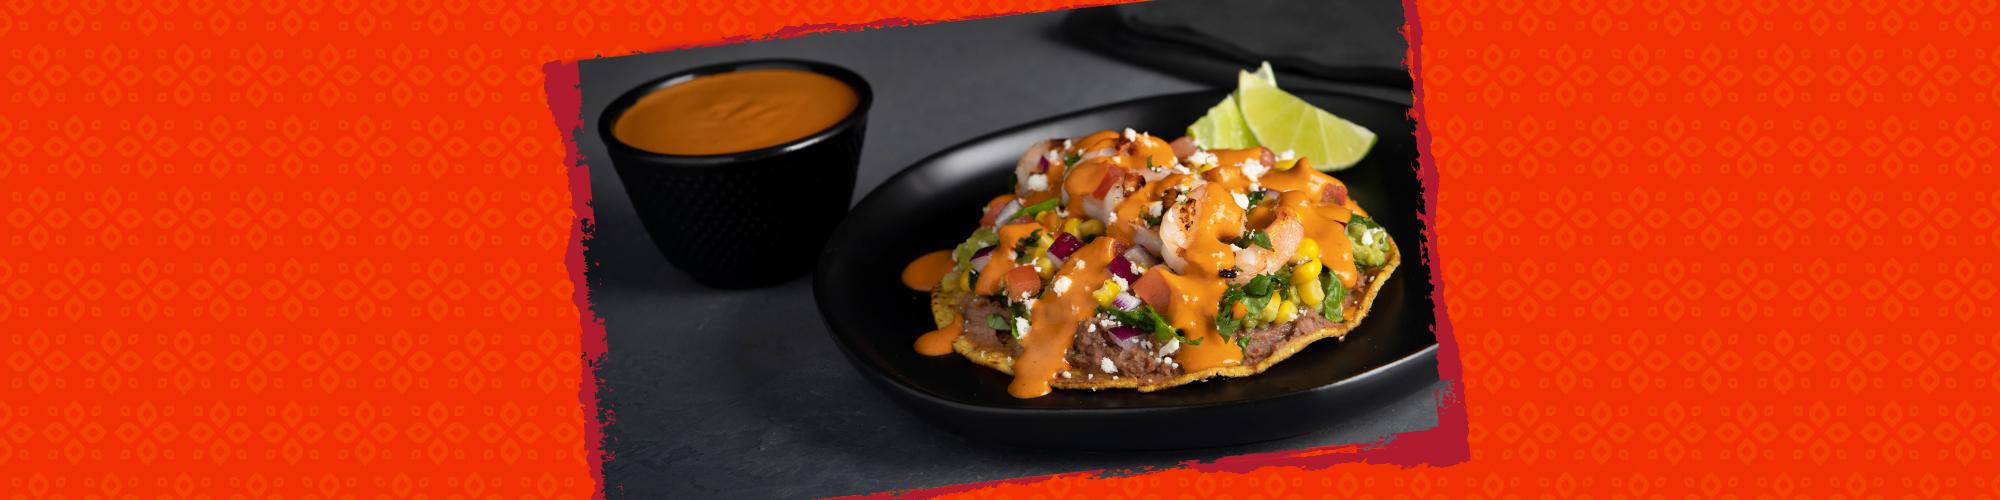 Salsas shrimp tostada